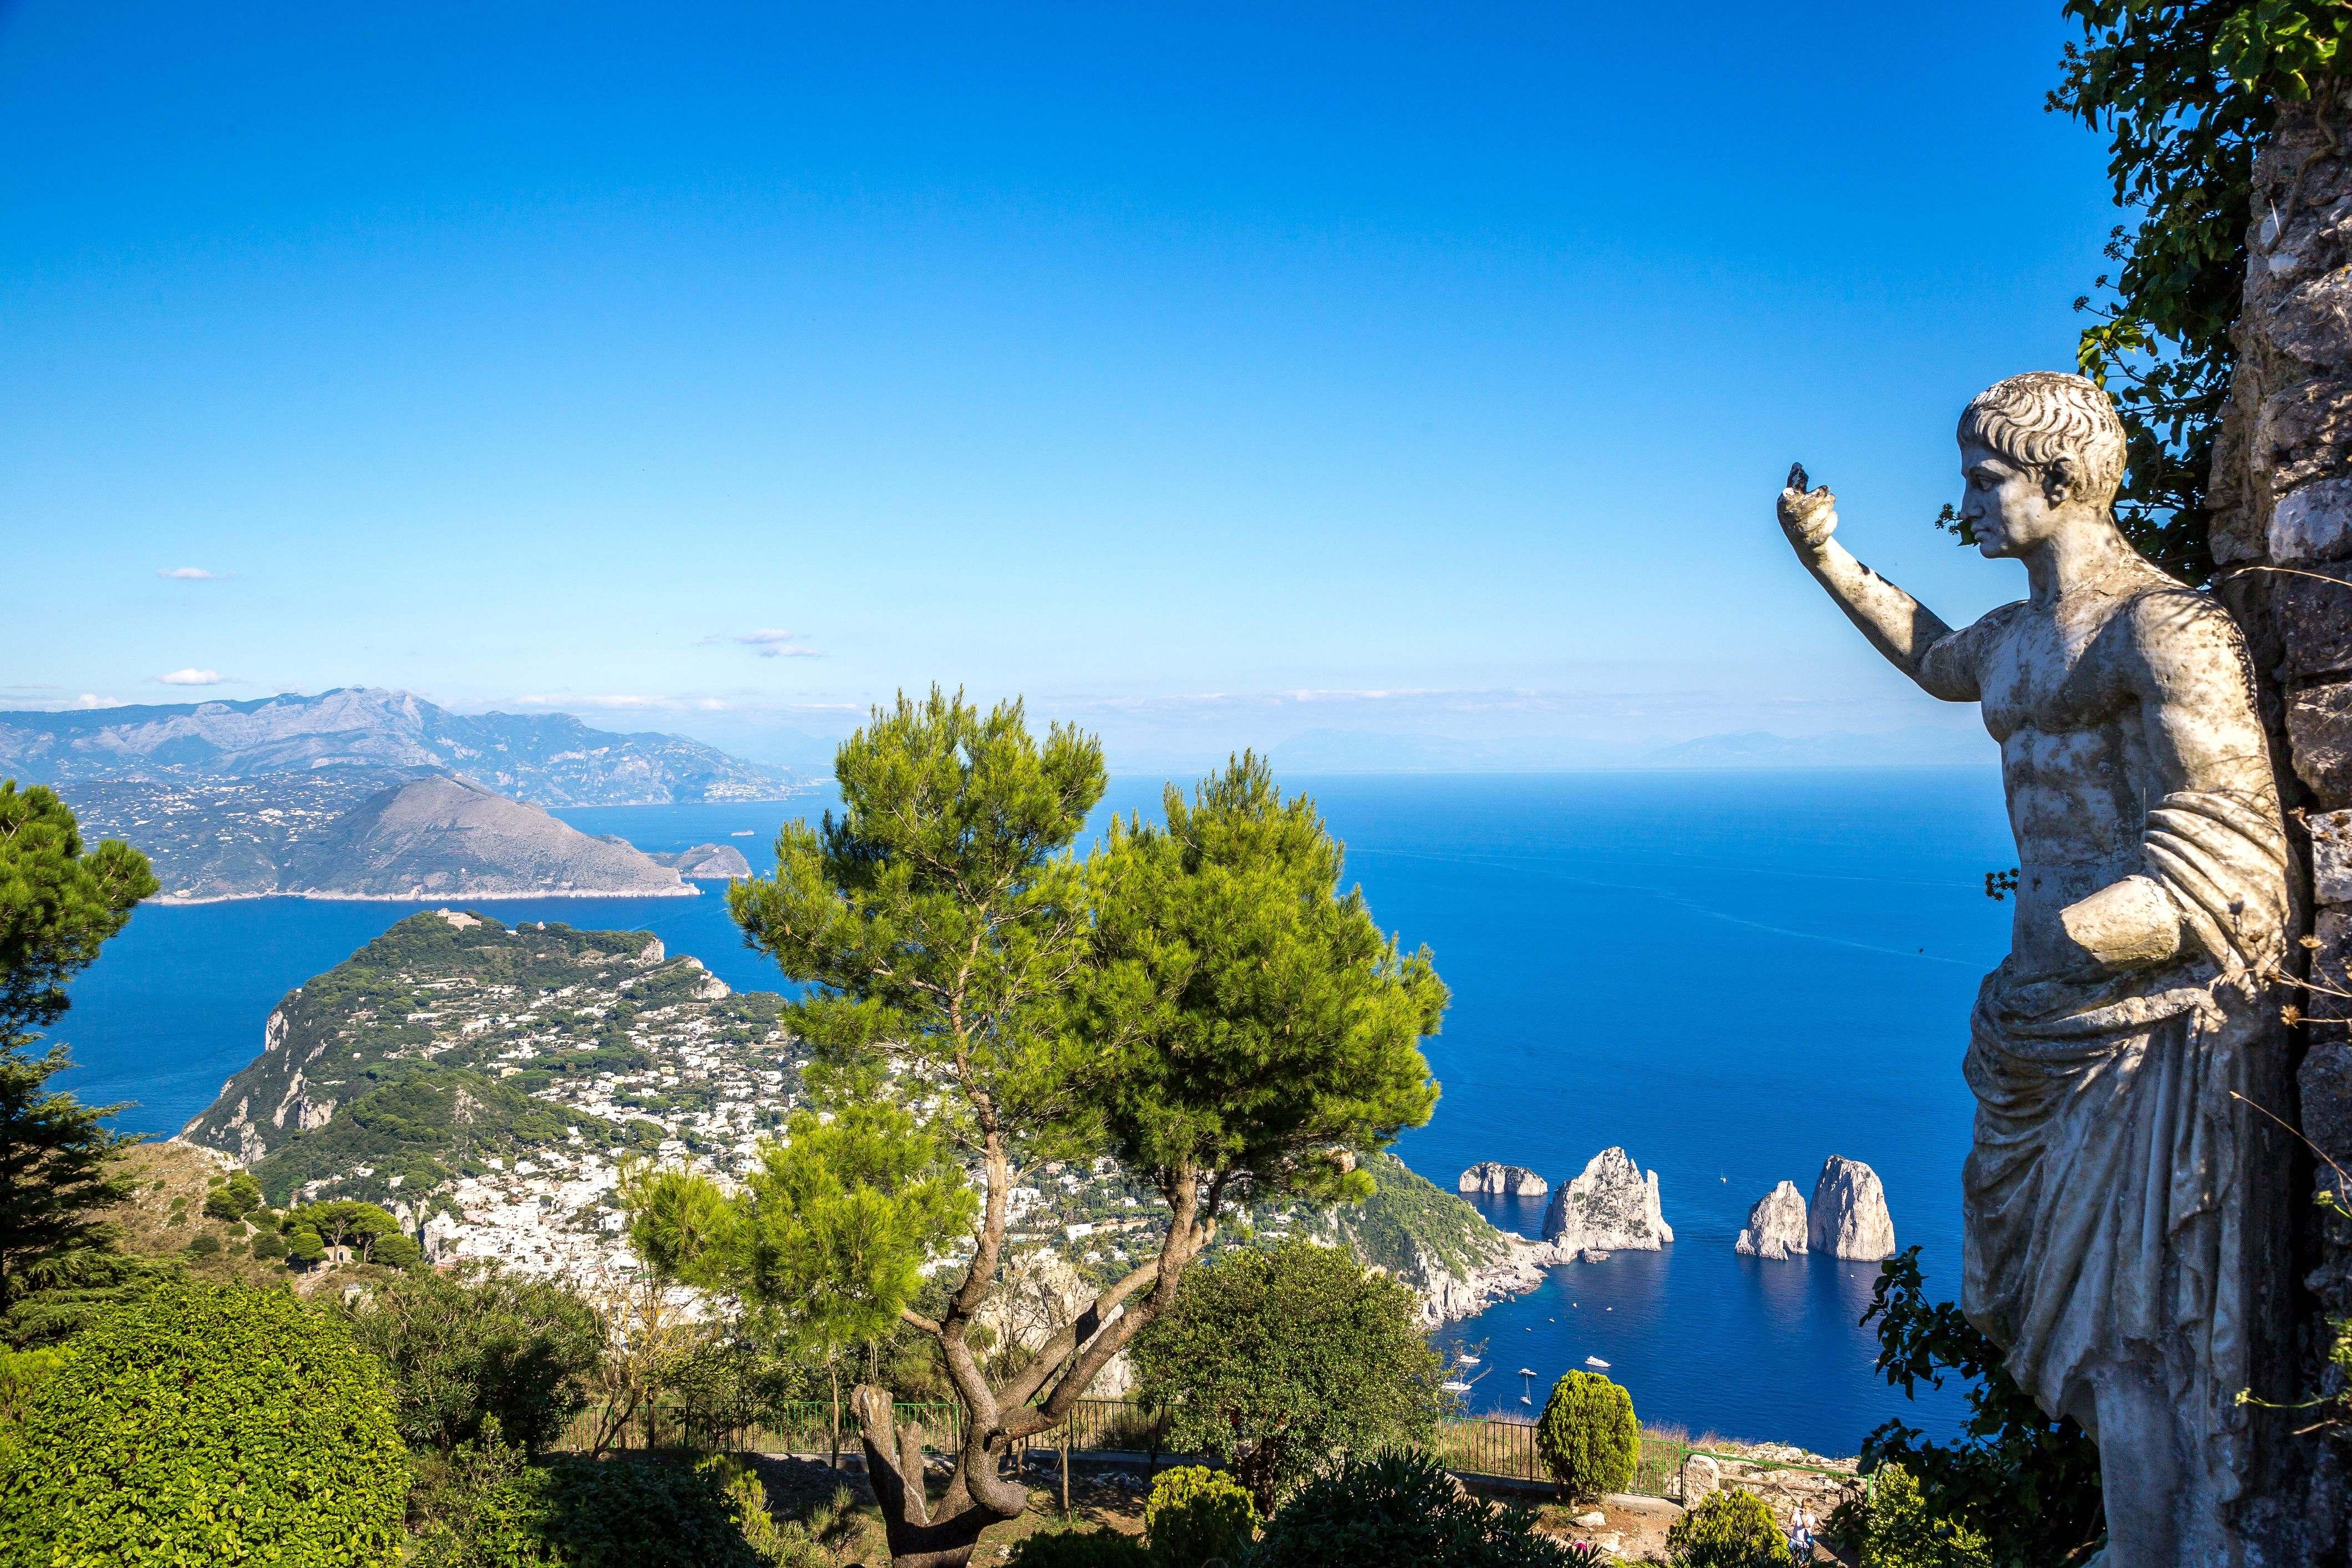 Golf von Neapel: Kulturschätze an der Traumküste mit Flair